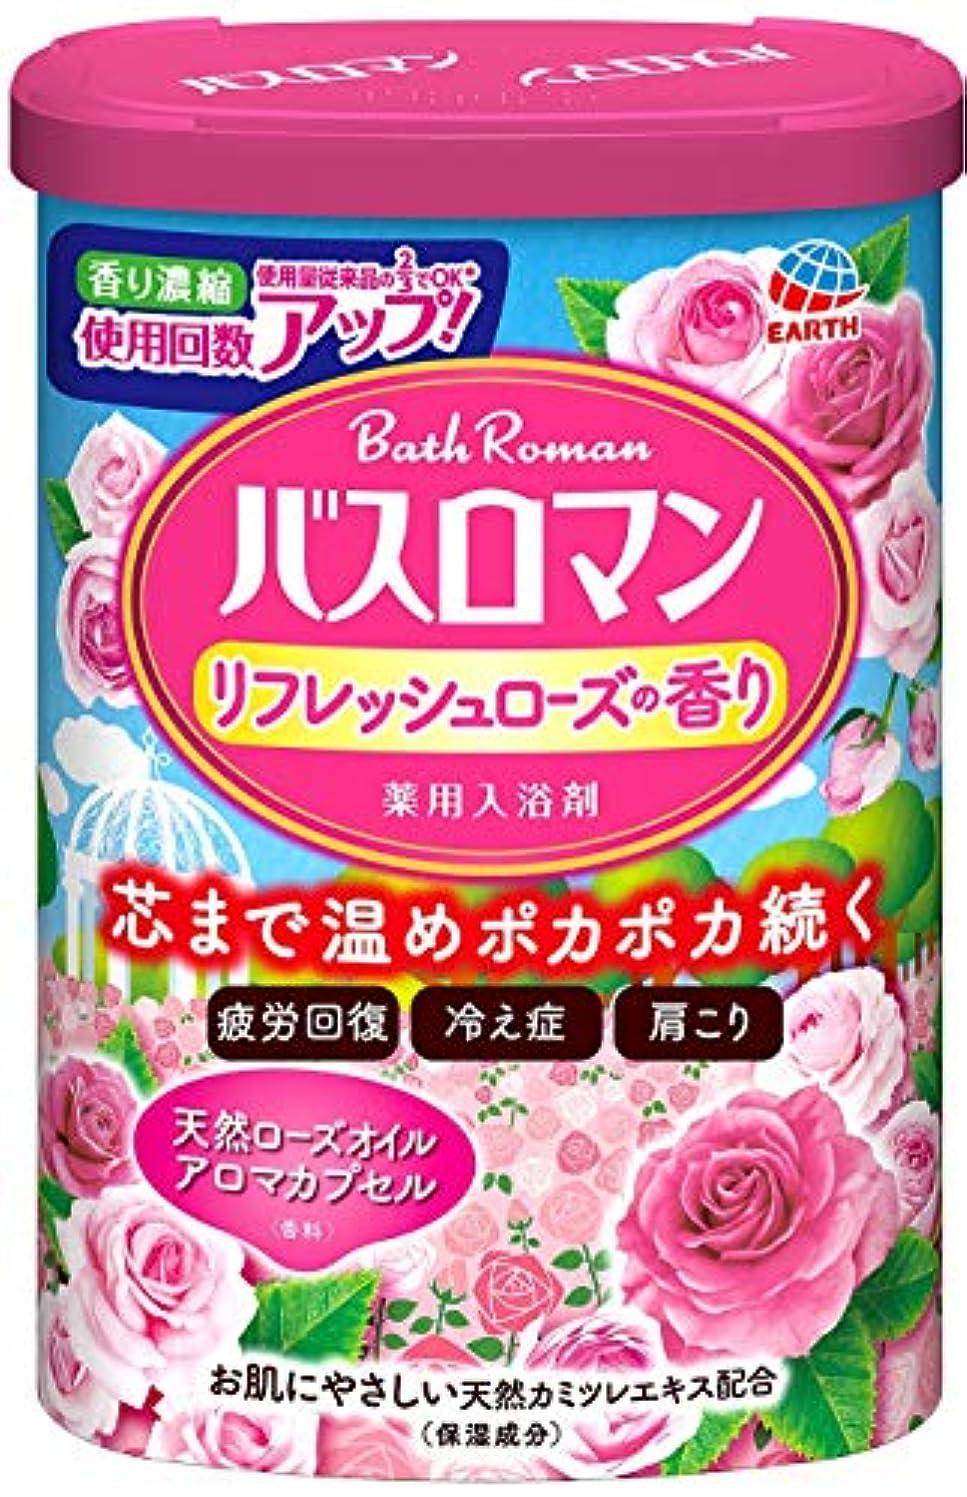 辞書衝撃ビート【医薬部外品】バスロマン 入浴剤 リフレッシュローズの香り [600g]